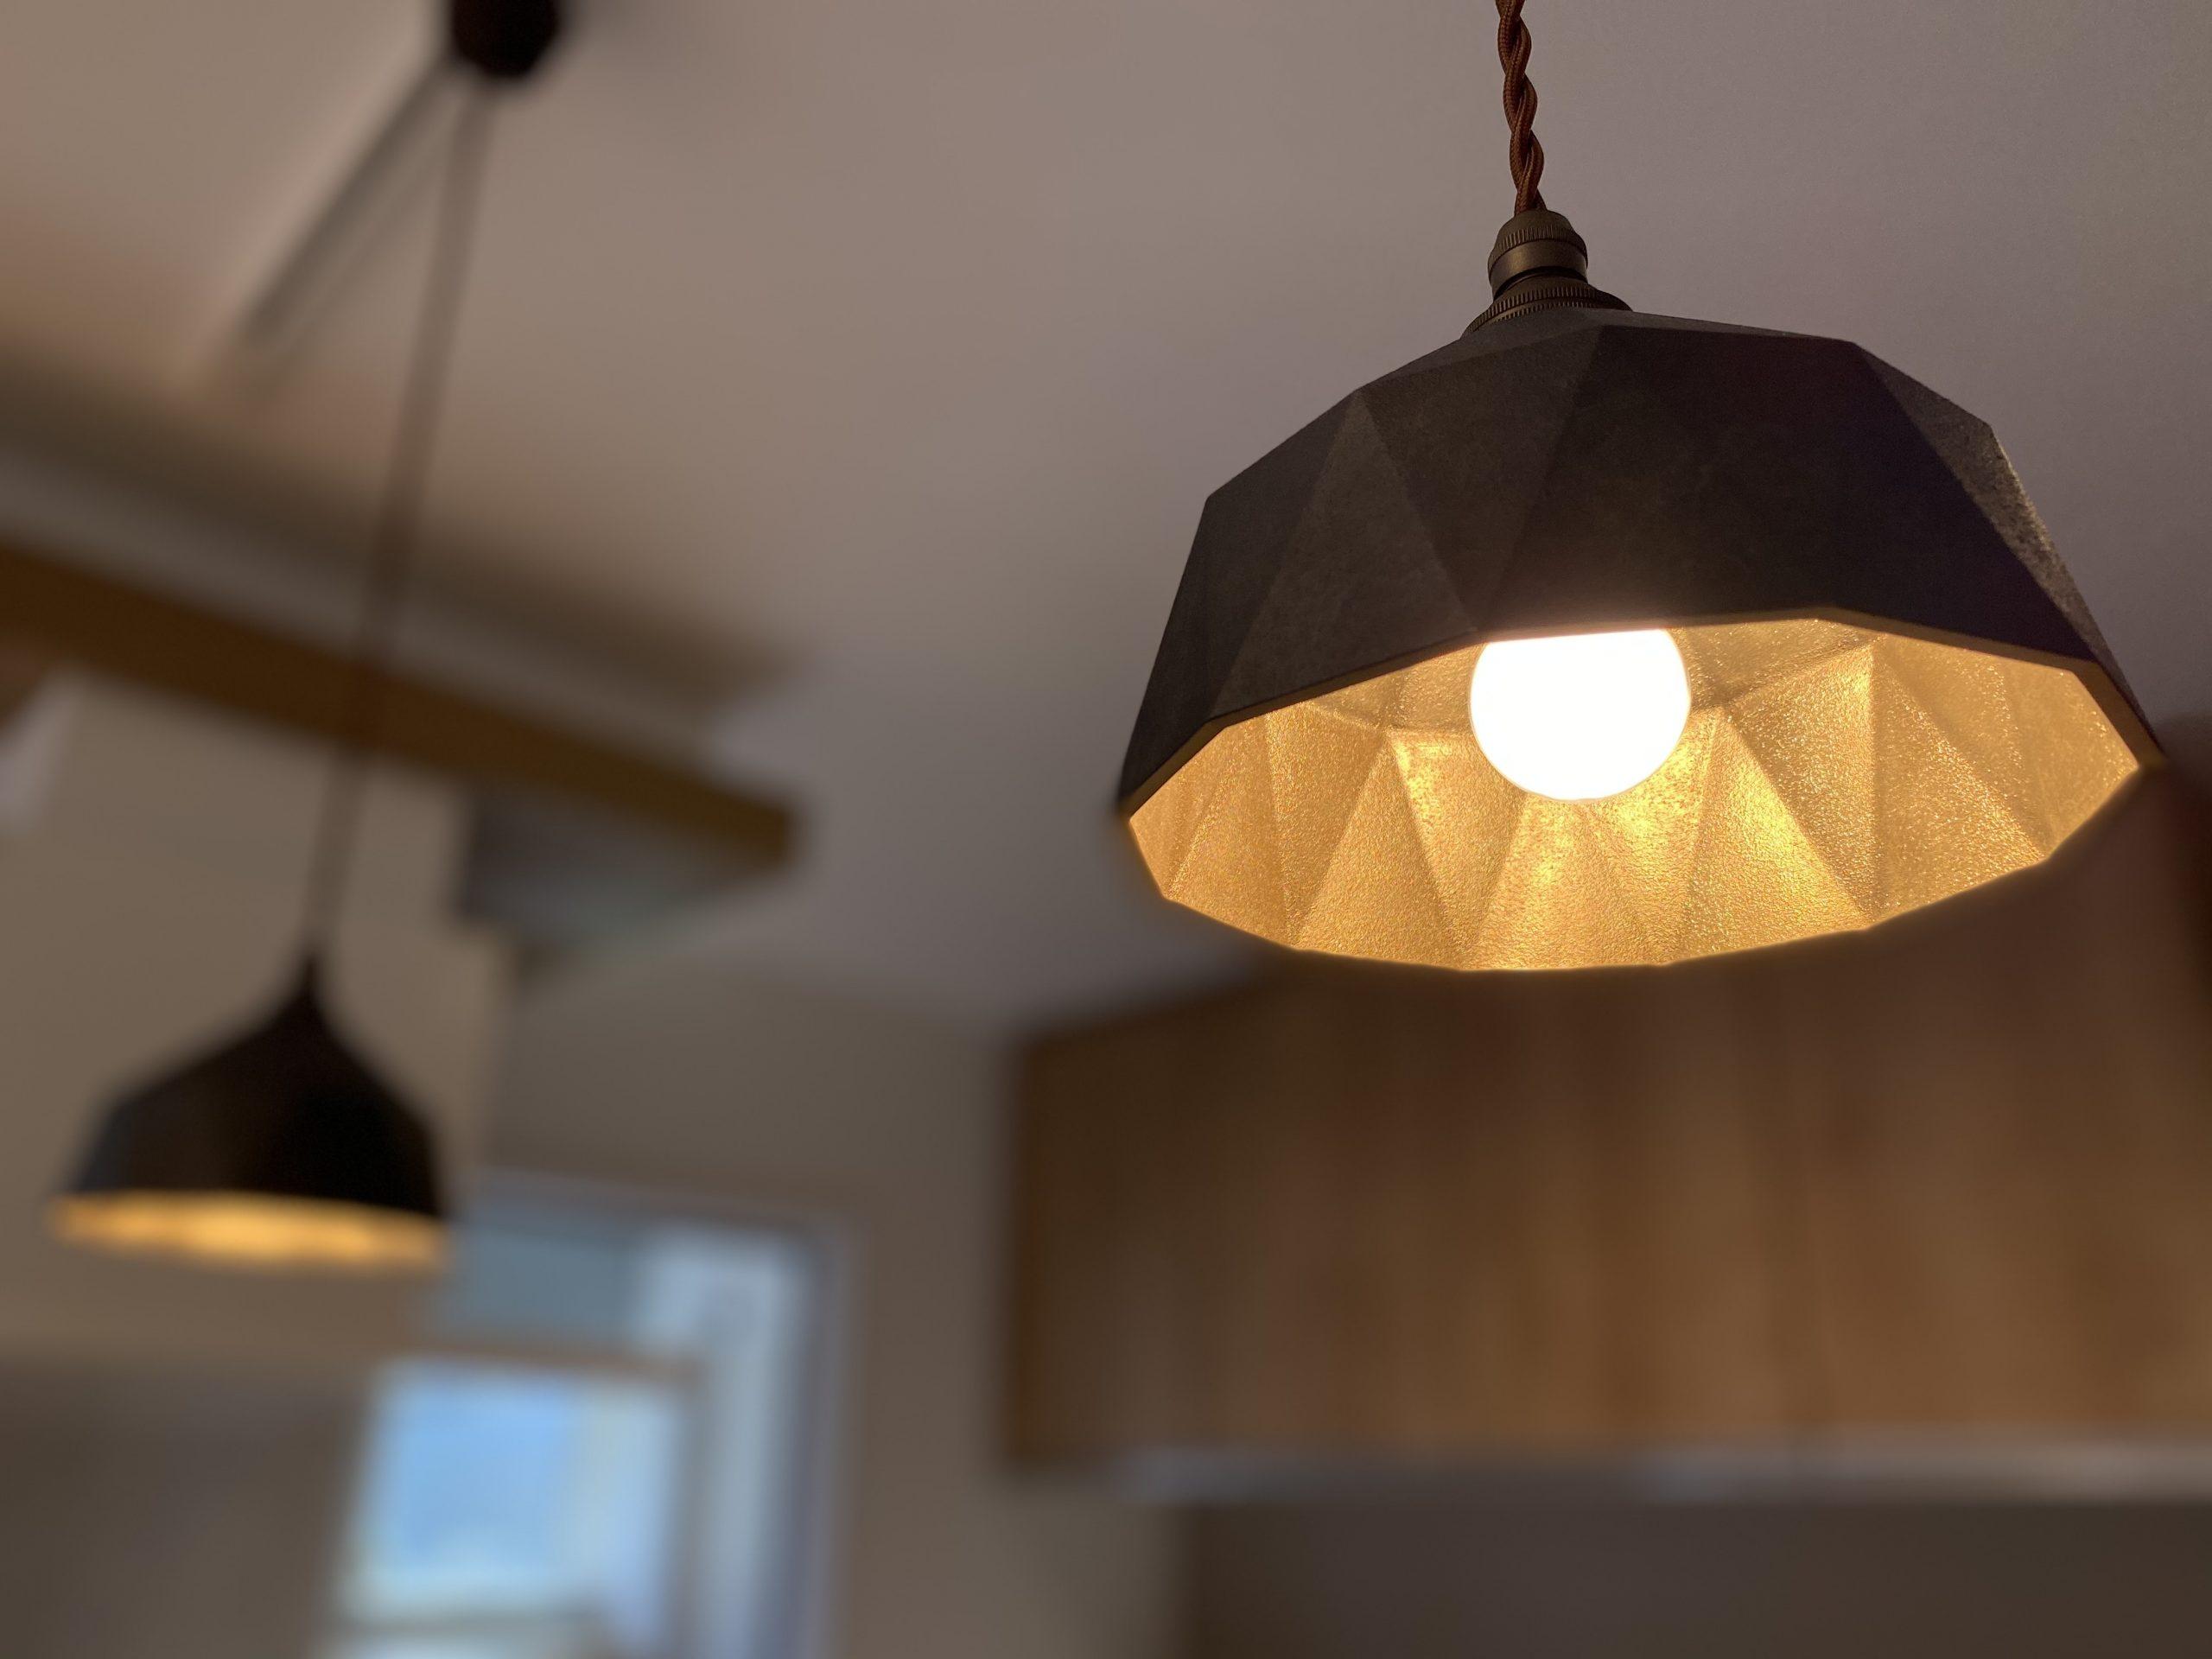 注文住宅の照明選び。照明の選び方とこだわりたいポイント